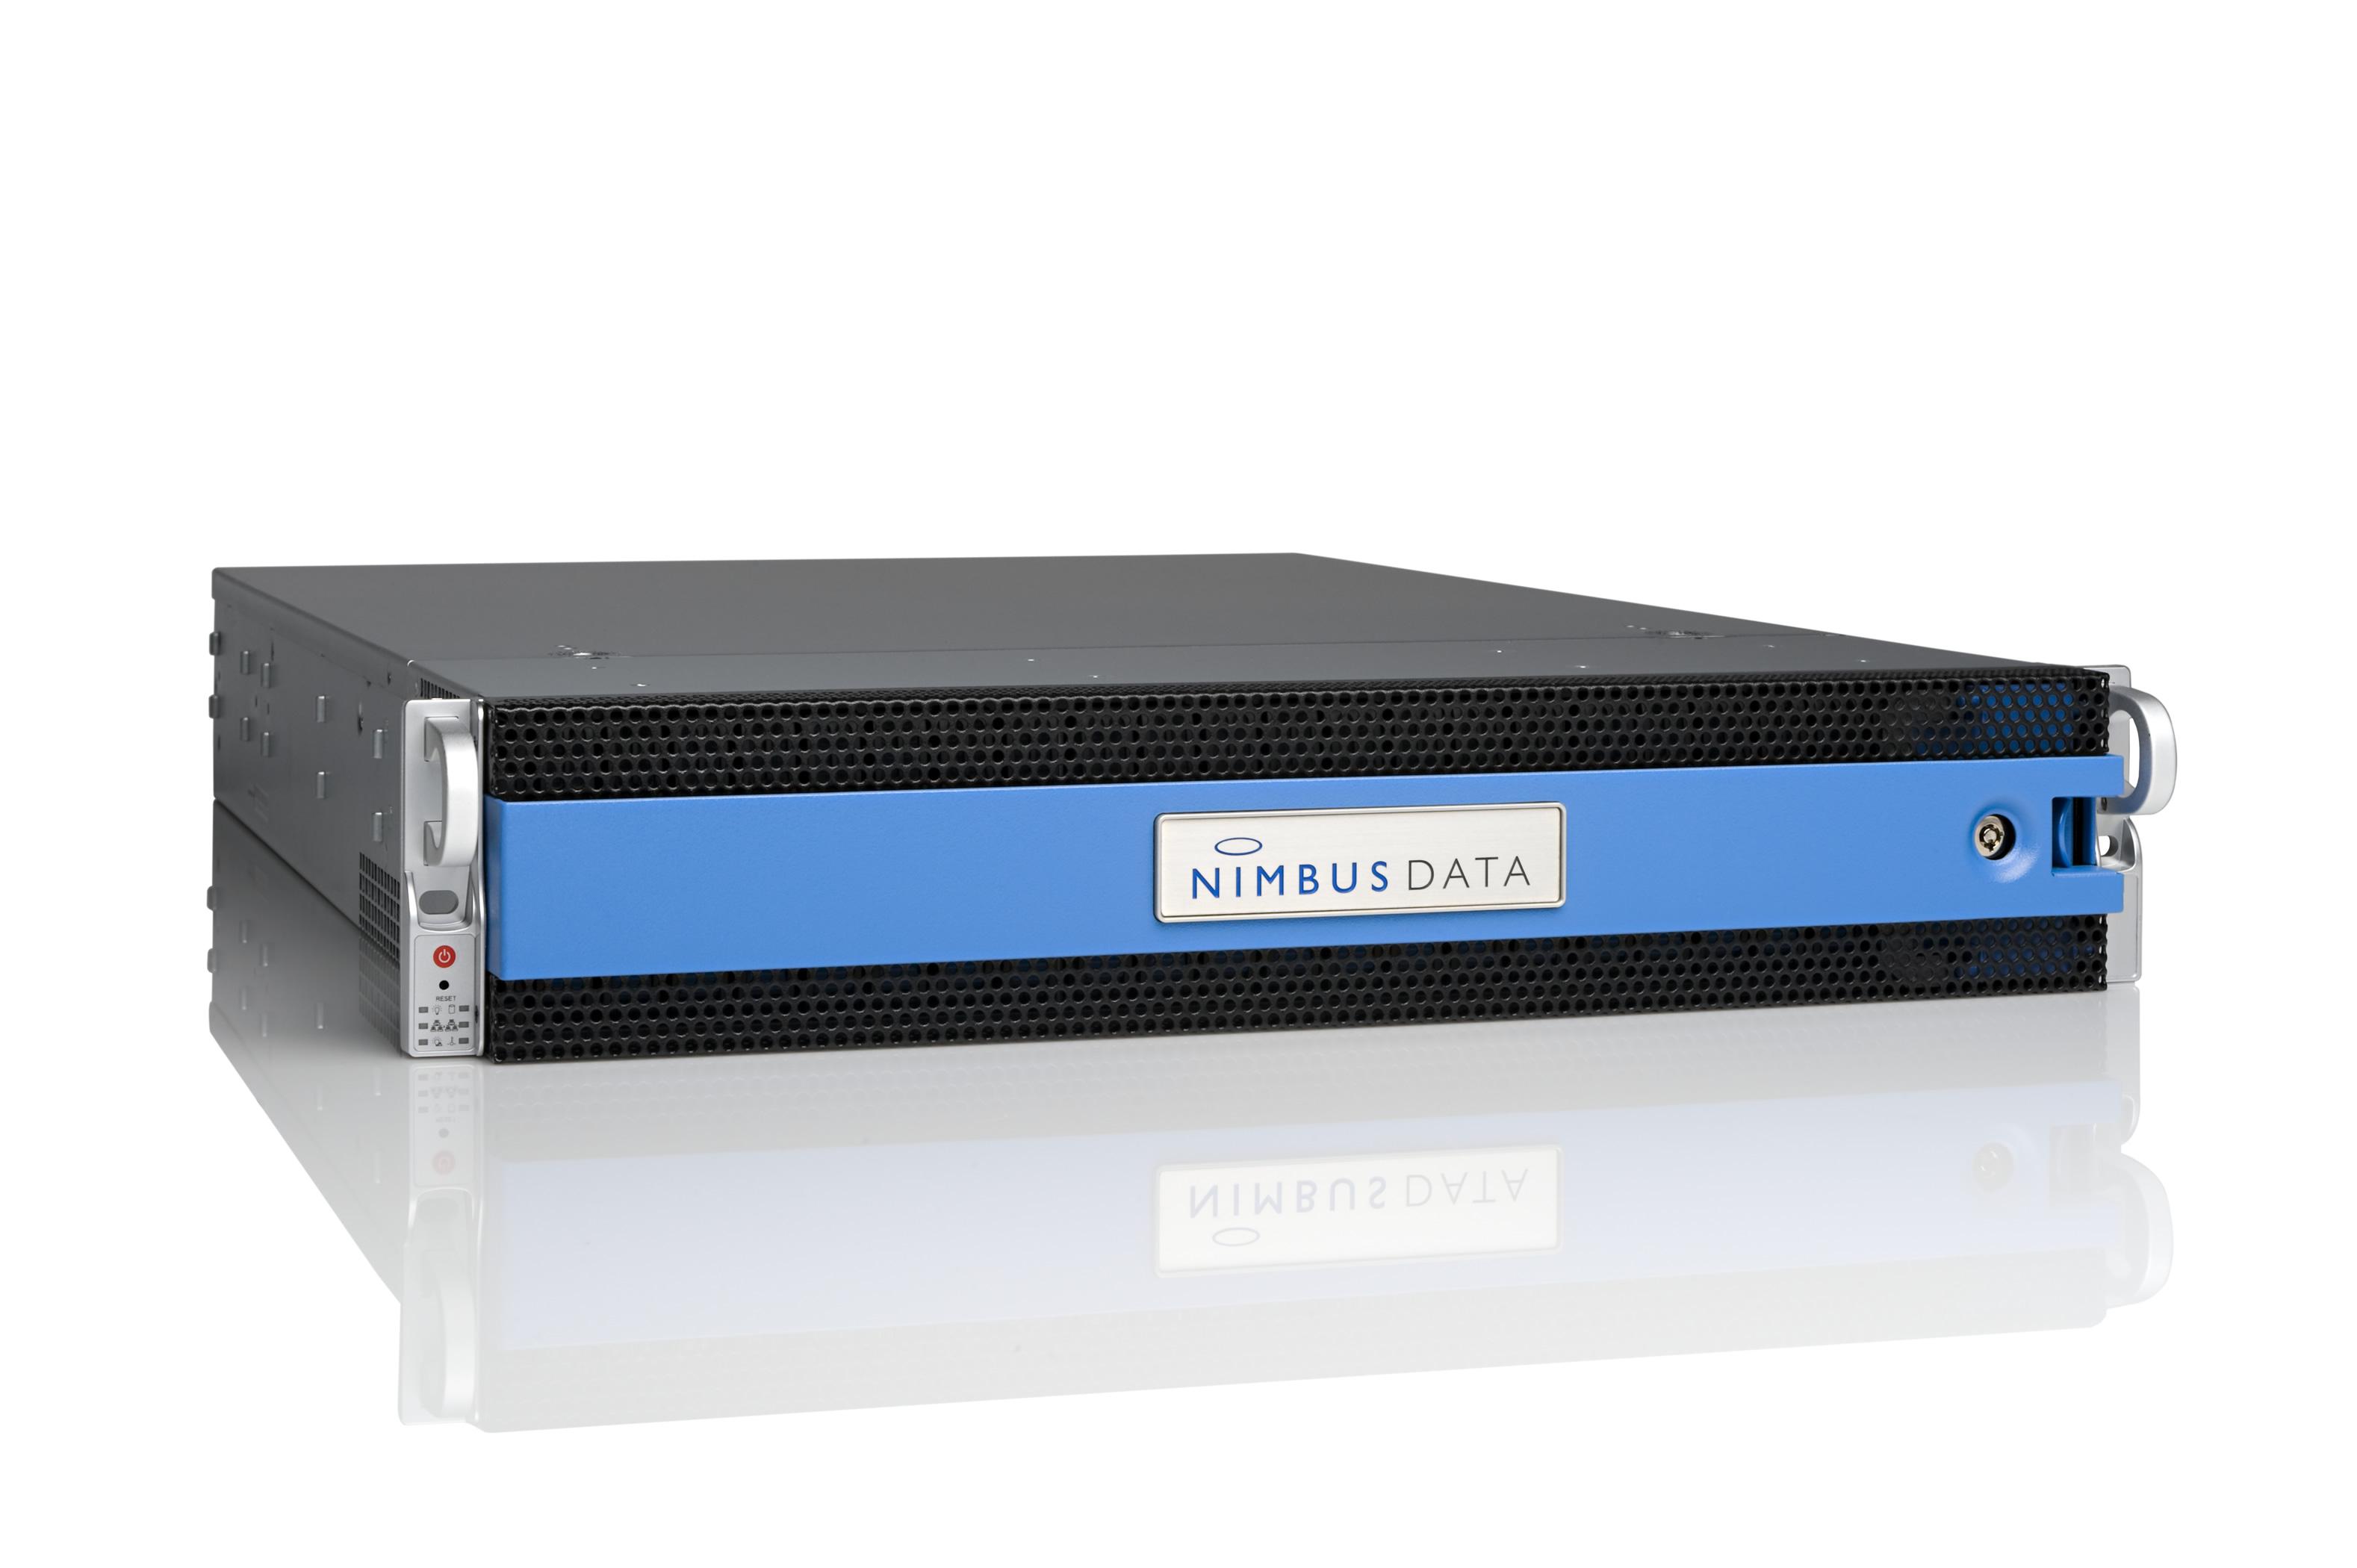 Nimbus Data Gemini flash storage